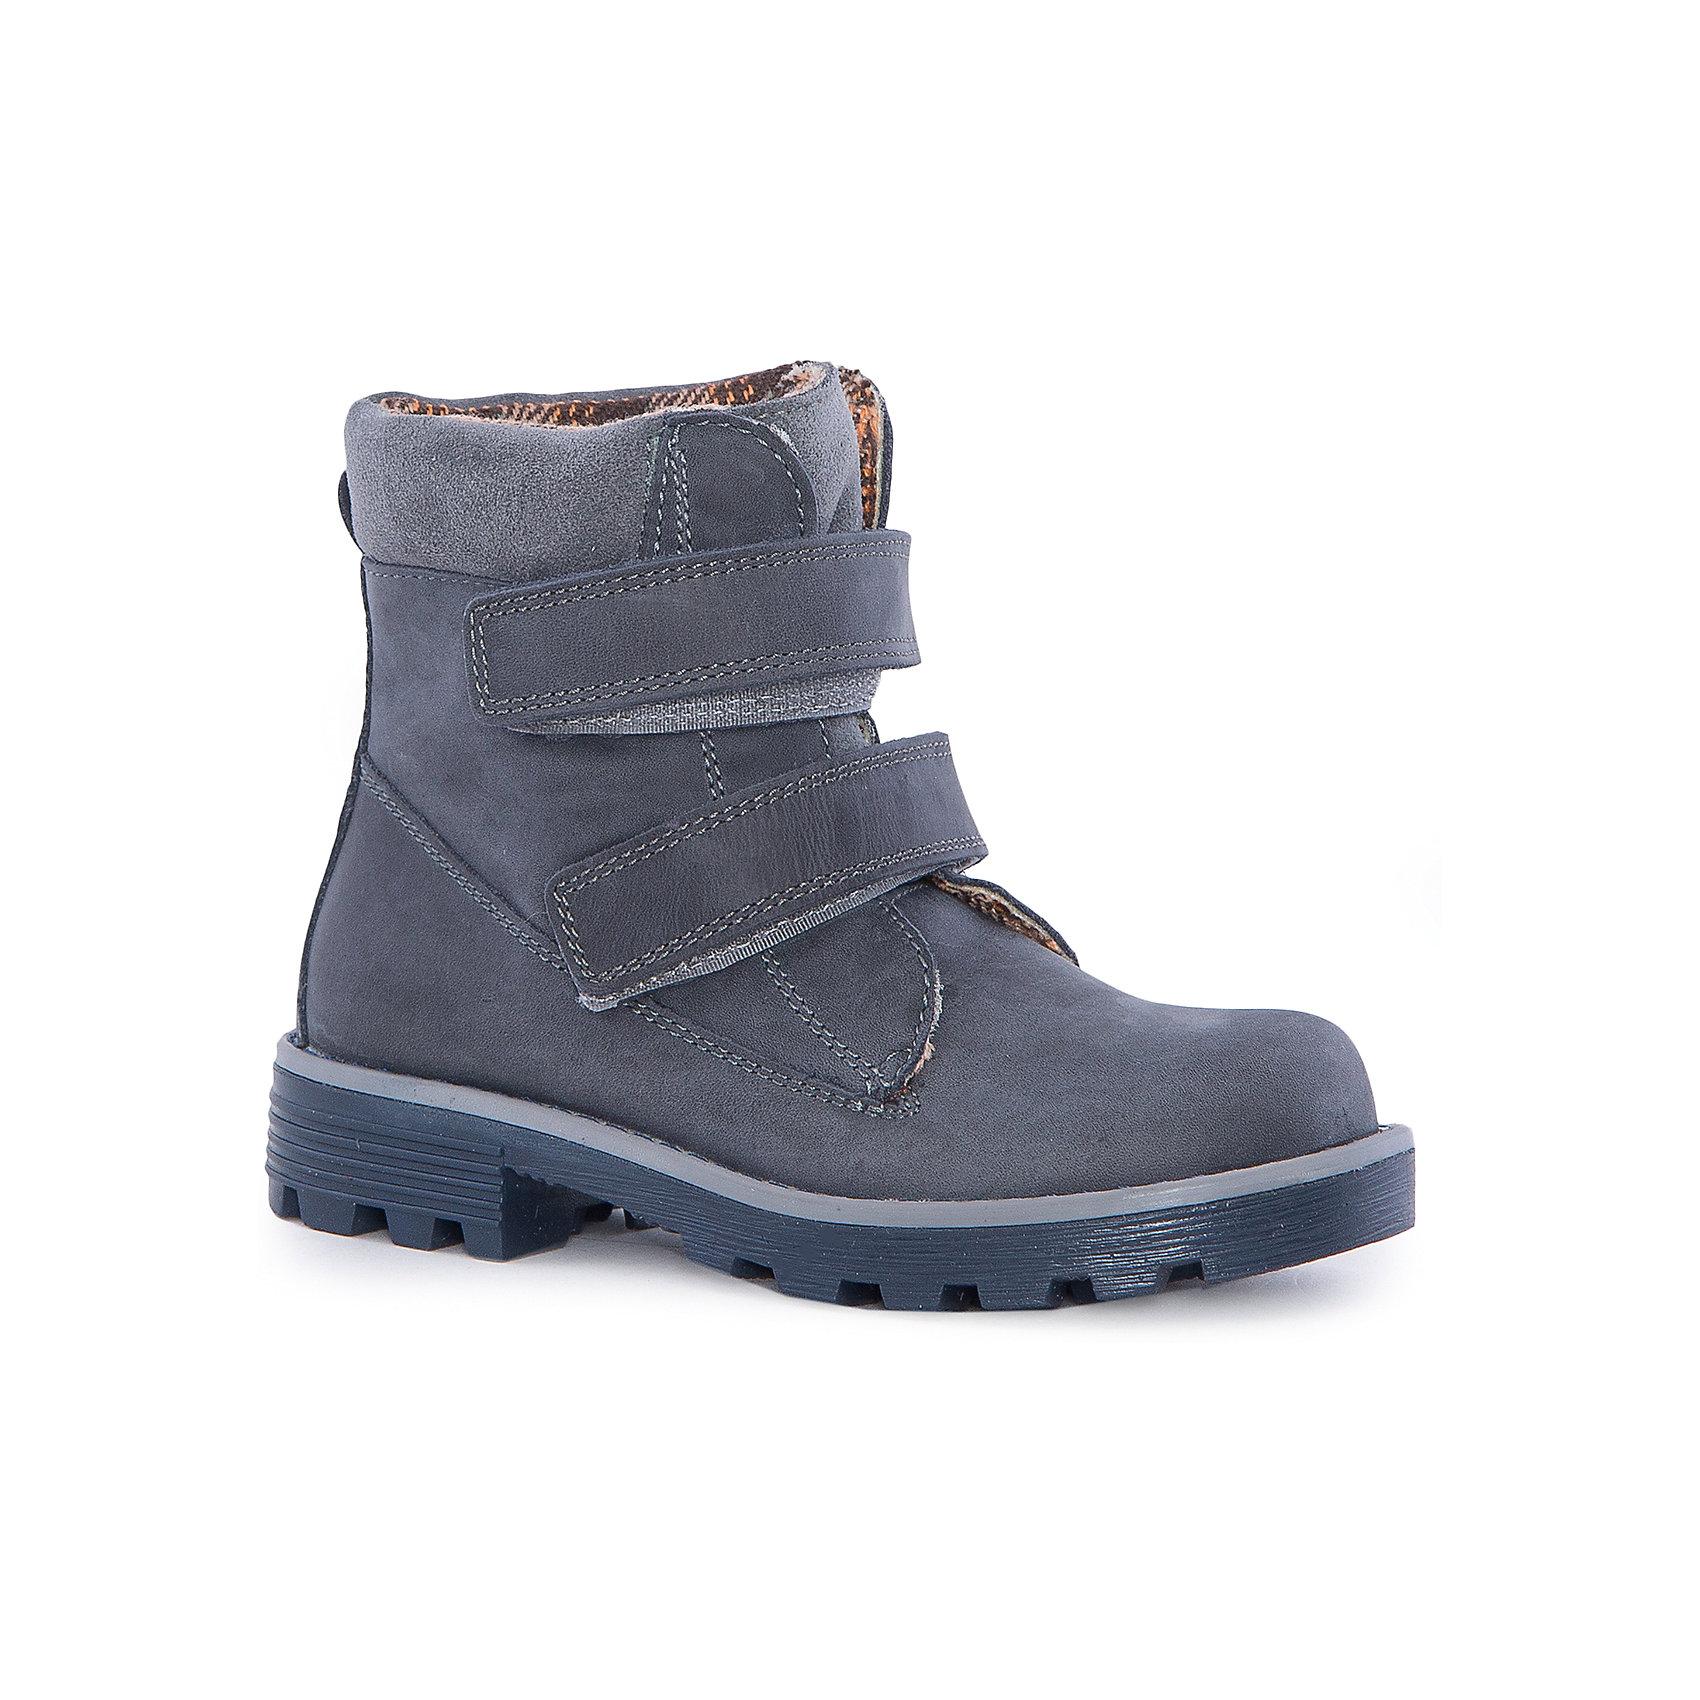 Ботинки для мальчика КотофейБотинки<br>Ботинки для мальчика Котофей.<br><br>Характеристики:<br><br>- Внешний материал: натуральная кожа<br>- Внутренний материал: байка<br>- Стелька: байка<br>- Подошва: ТЭП<br>- Тип застежки: липучки<br>- Вид крепления обуви: клеевой<br>- Температурный режим до -10С<br>- Цвет: синий<br>- Сезон: весна, осень<br>- Пол: для мальчиков<br><br>Стильные ботинки для мальчика торговой марки Котофей - идеальная обувь для межсезонья. Верх – дышащая натуральная кожа (натуральный бук) с гидрофобной пропиткой. Подкладка – утеплённая, из полушерстяной байки. Мягкий манжет из велюра создаёт комфорт при ходьбе и предотвращает натирание ножки ребенка. Подошва с каблучком выполнена из термоэластопласта – легкого, прочного материала, обладающего отличным амортизирующим эффектом и не теряющего своих свойств при понижении температур. Удобные застежки липучки надежно фиксируют обувь на стопе и позволяют обувать и снимать её легко и быстро. Дизайн ботинок соответствует последним европейским тенденциям и придаёт этой модели эффектный внешний вид. Детская обувь «Котофей» качественна, красива, добротна, комфортна и долговечна. Она производится на Егорьевской обувной фабрике. Жесткий контроль производства и постоянное совершенствование технологий при многолетнем опыте позволяют считать компанию одним из лидеров среди отечественных производителей детской обуви.<br><br>Ботинки для мальчика Котофей можно купить в нашем интернет-магазине.<br><br>Ширина мм: 262<br>Глубина мм: 176<br>Высота мм: 97<br>Вес г: 427<br>Цвет: синий<br>Возраст от месяцев: 84<br>Возраст до месяцев: 96<br>Пол: Мужской<br>Возраст: Детский<br>Размер: 35,30,32,33,34,31<br>SKU: 5023977